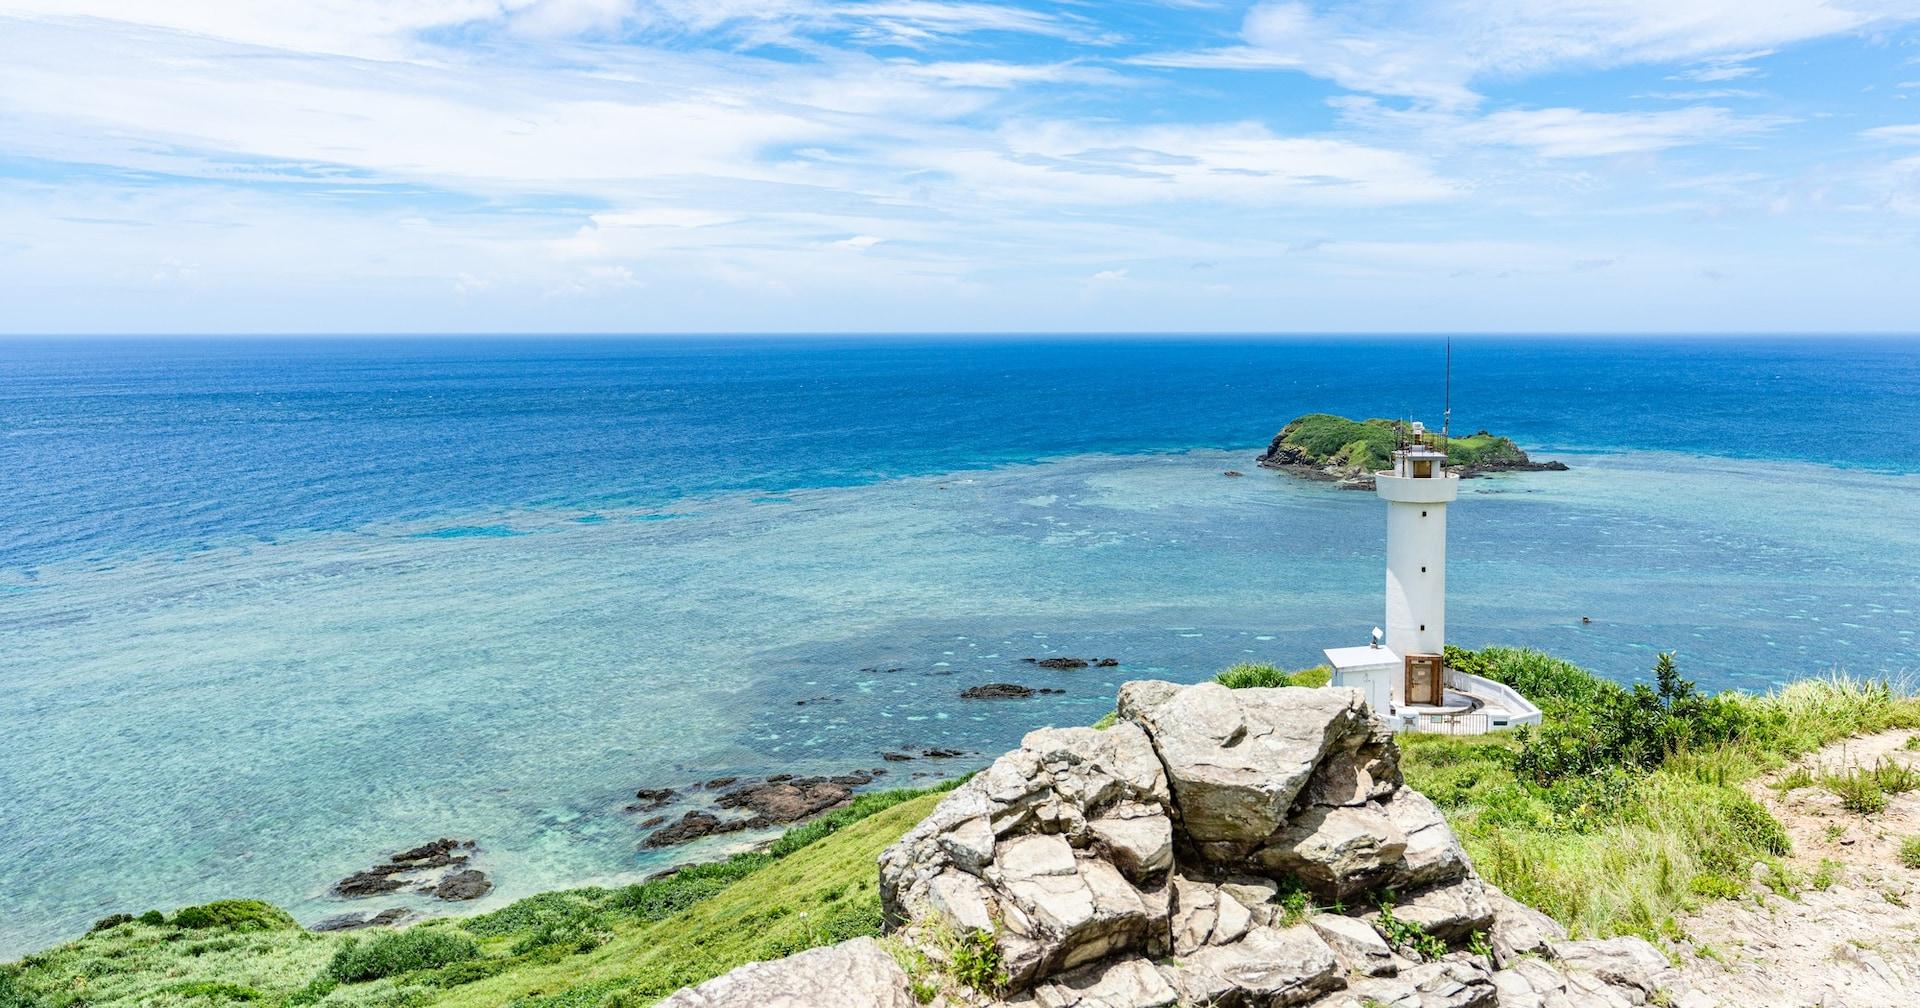 「島には充実した医療がありません」石垣島在住の看護師の訴えに共感の声が殺到「居住地から動かないが重要」「落ち着いたら行きたい」